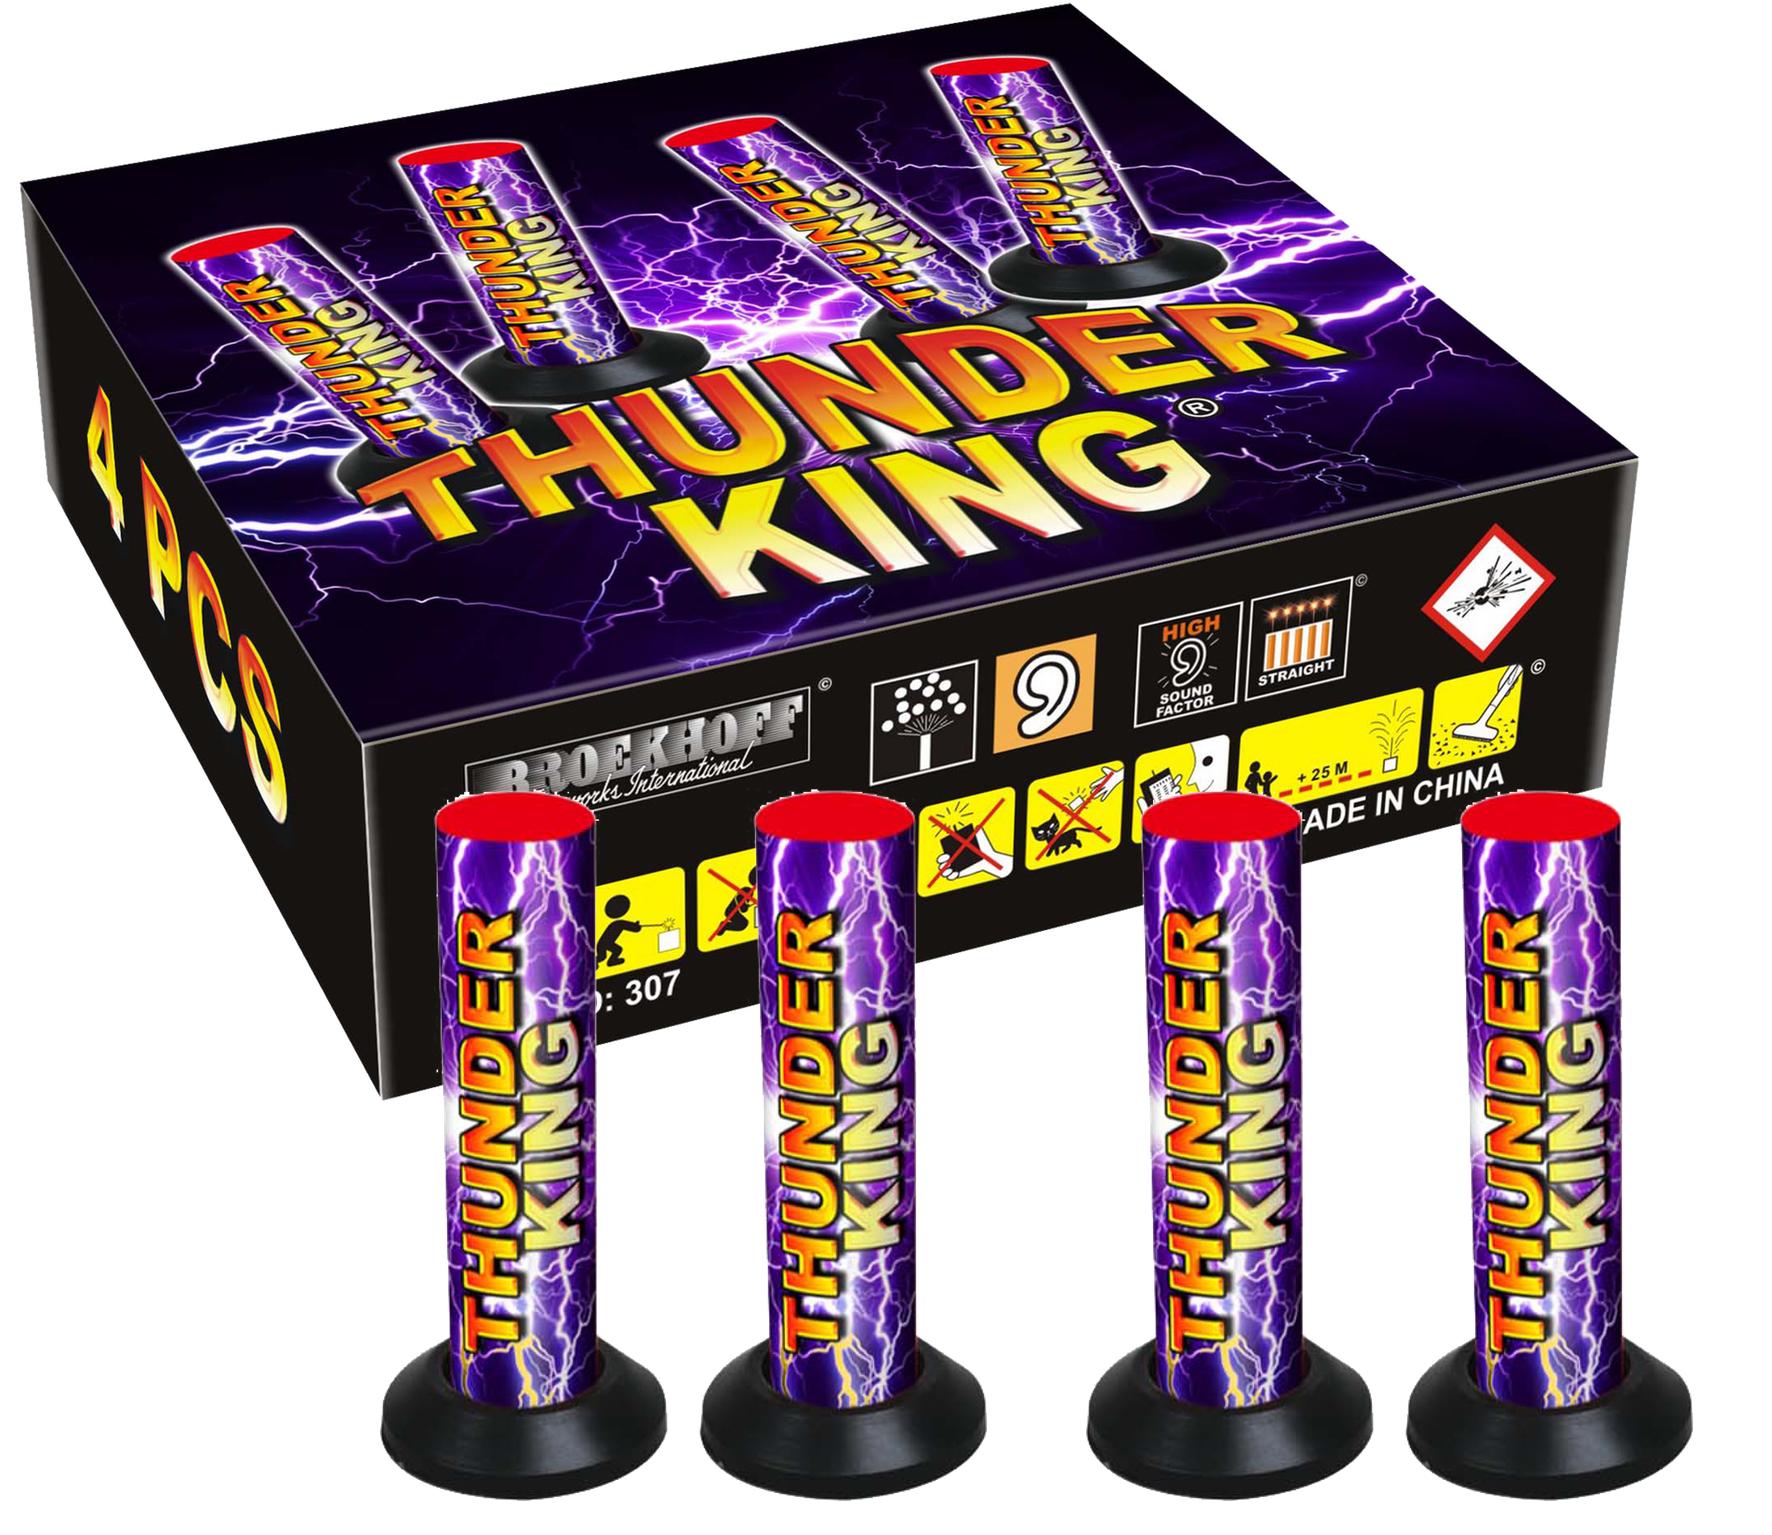 ThunderKing 4-pack